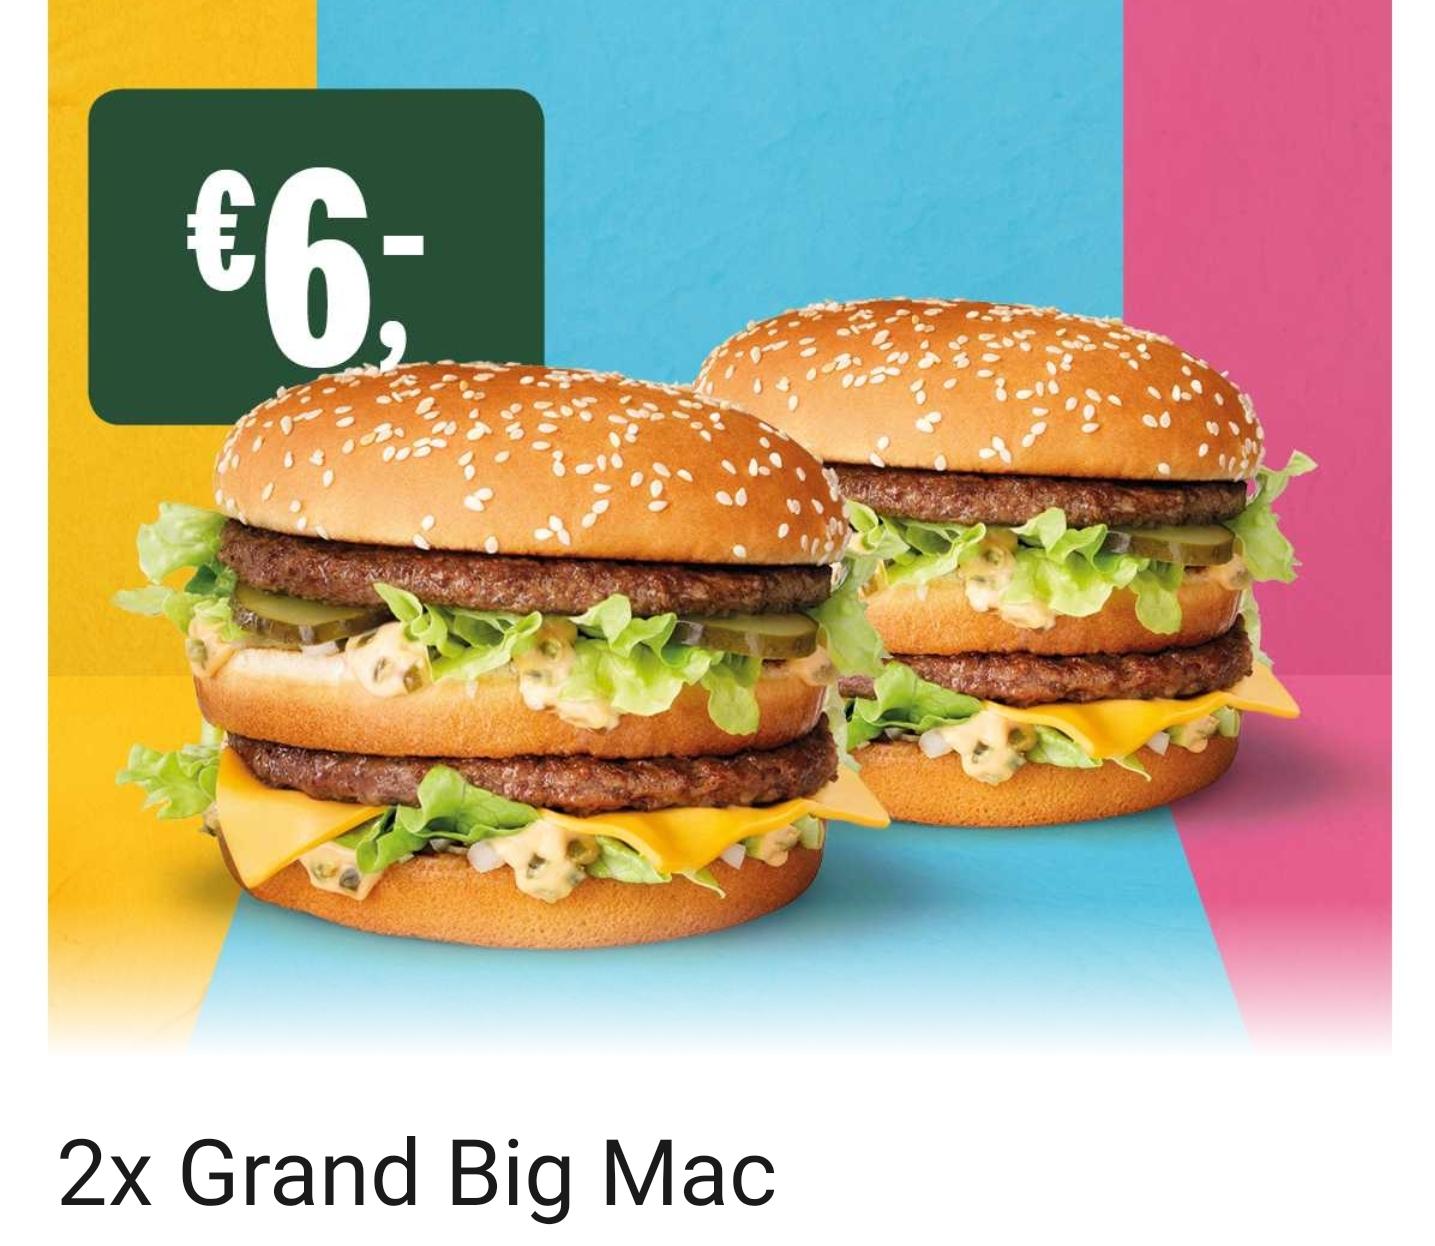 2x Grand BigMac für 6€ [McDonalds Niederlande]